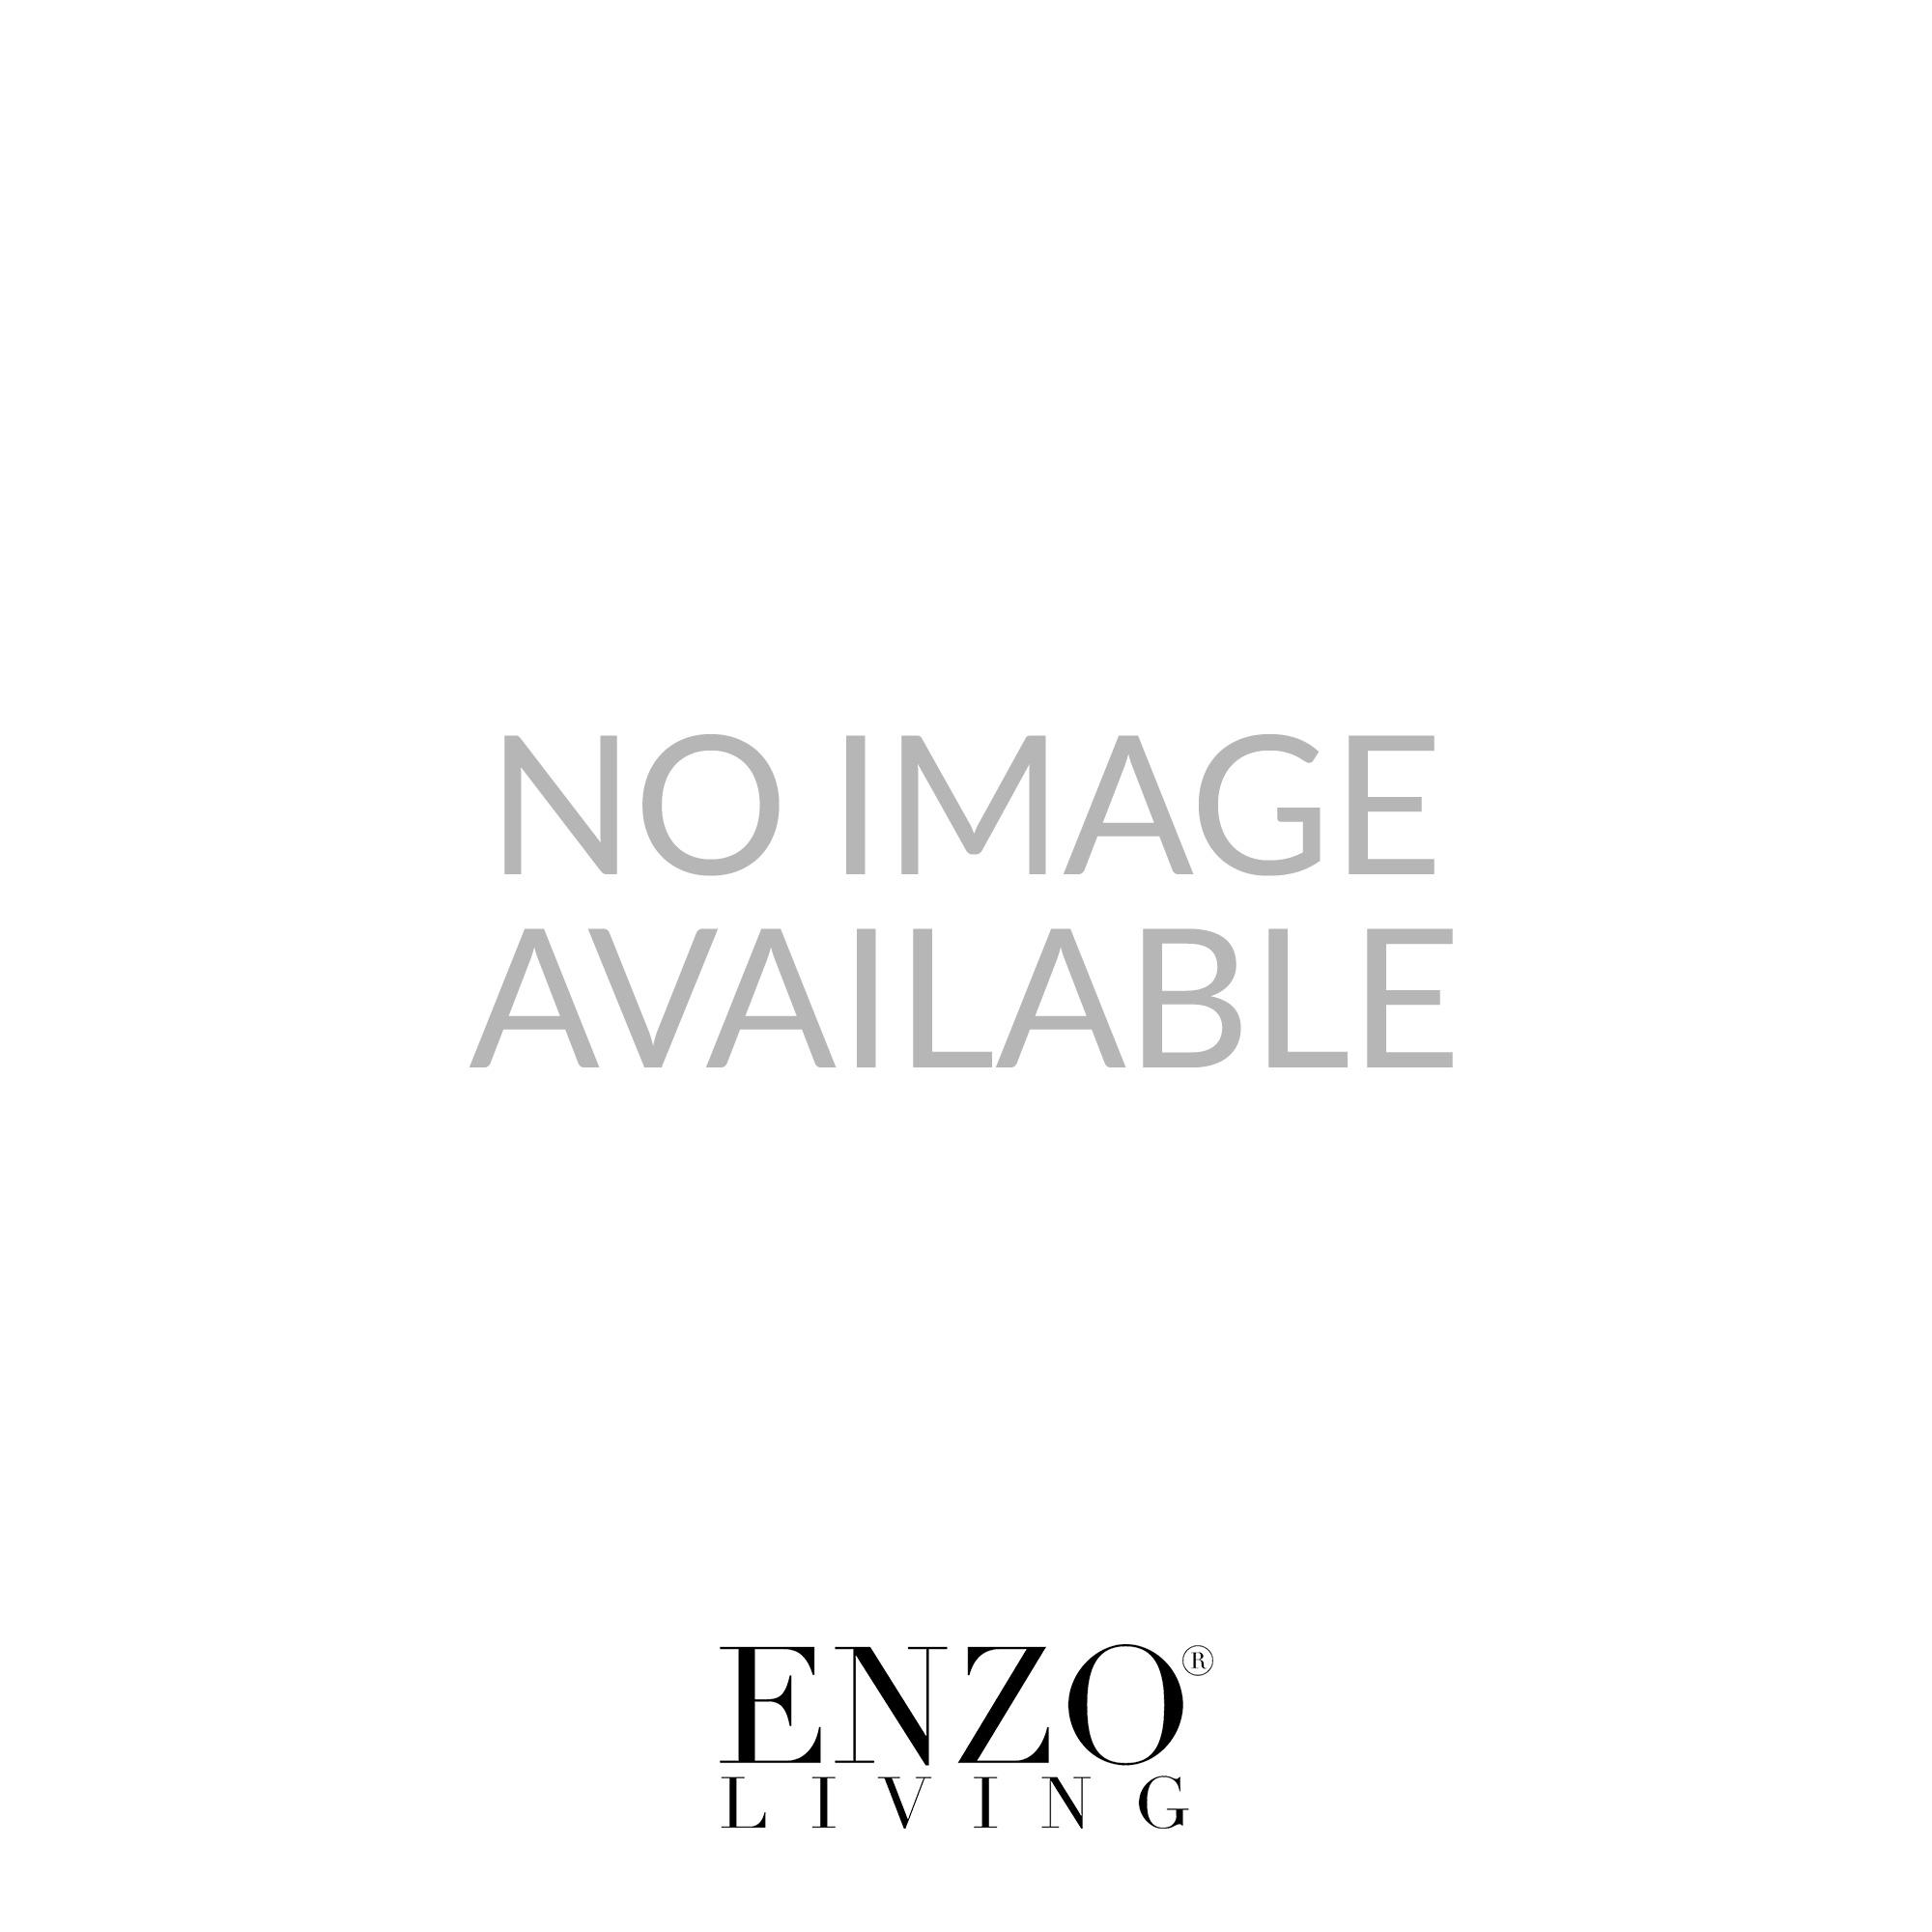 Eglo 90952 Lepora modern LED floor lamp chrome finish satinated glass